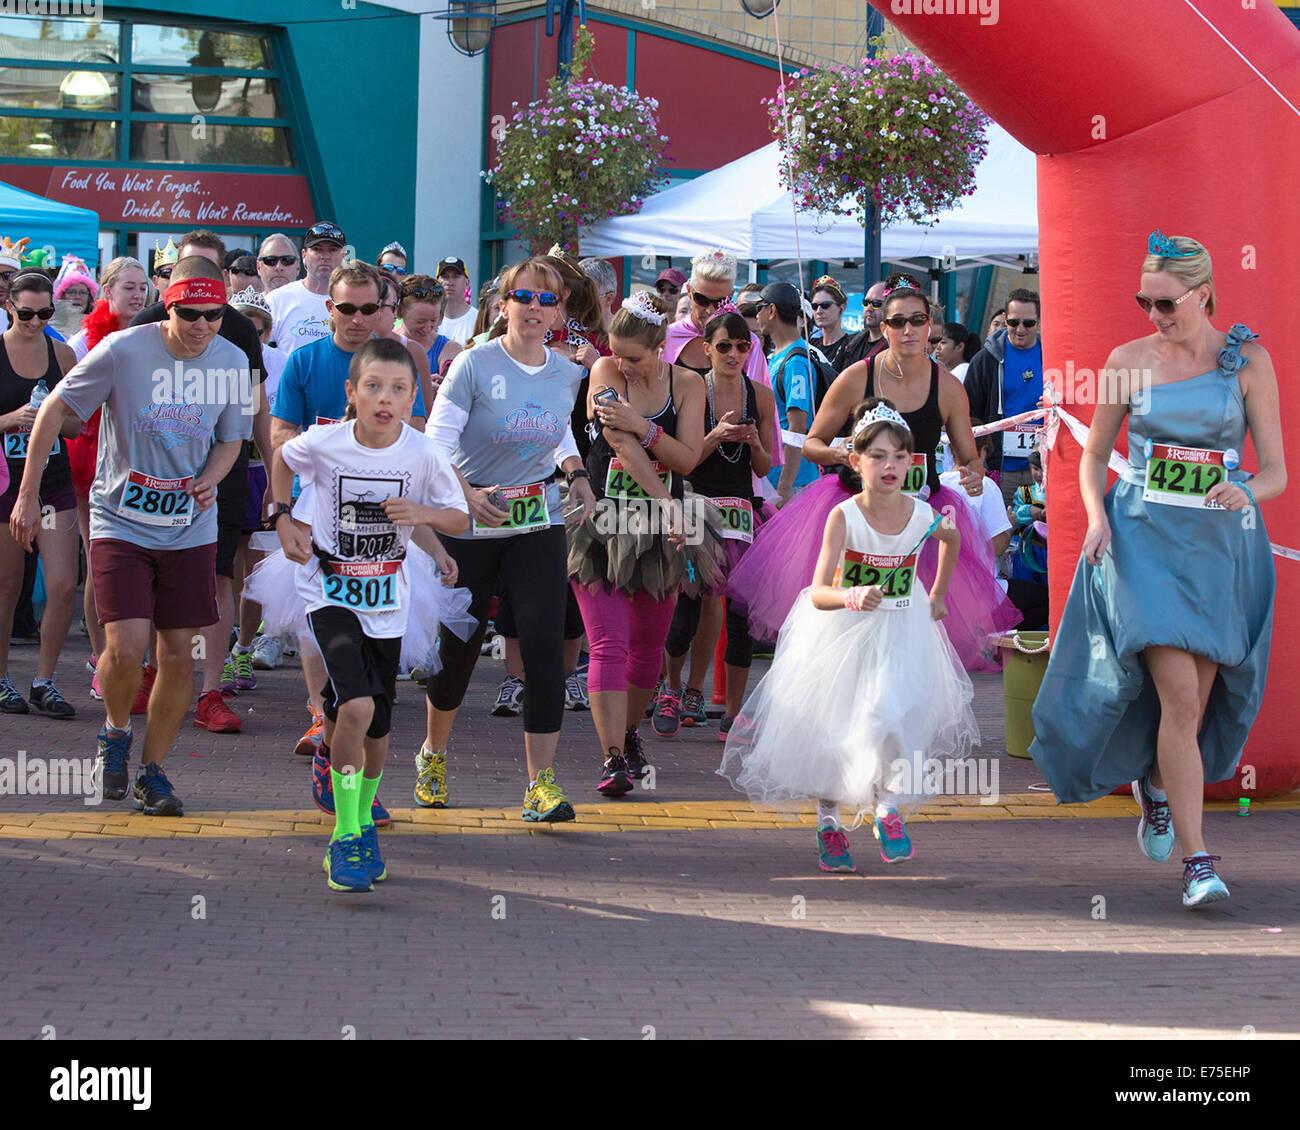 Calgary, Kanada. 7. September 2014. Racers dress up wie Könige aber mit Laufschuhen anstelle von Glas Hausschuhe Stockbild